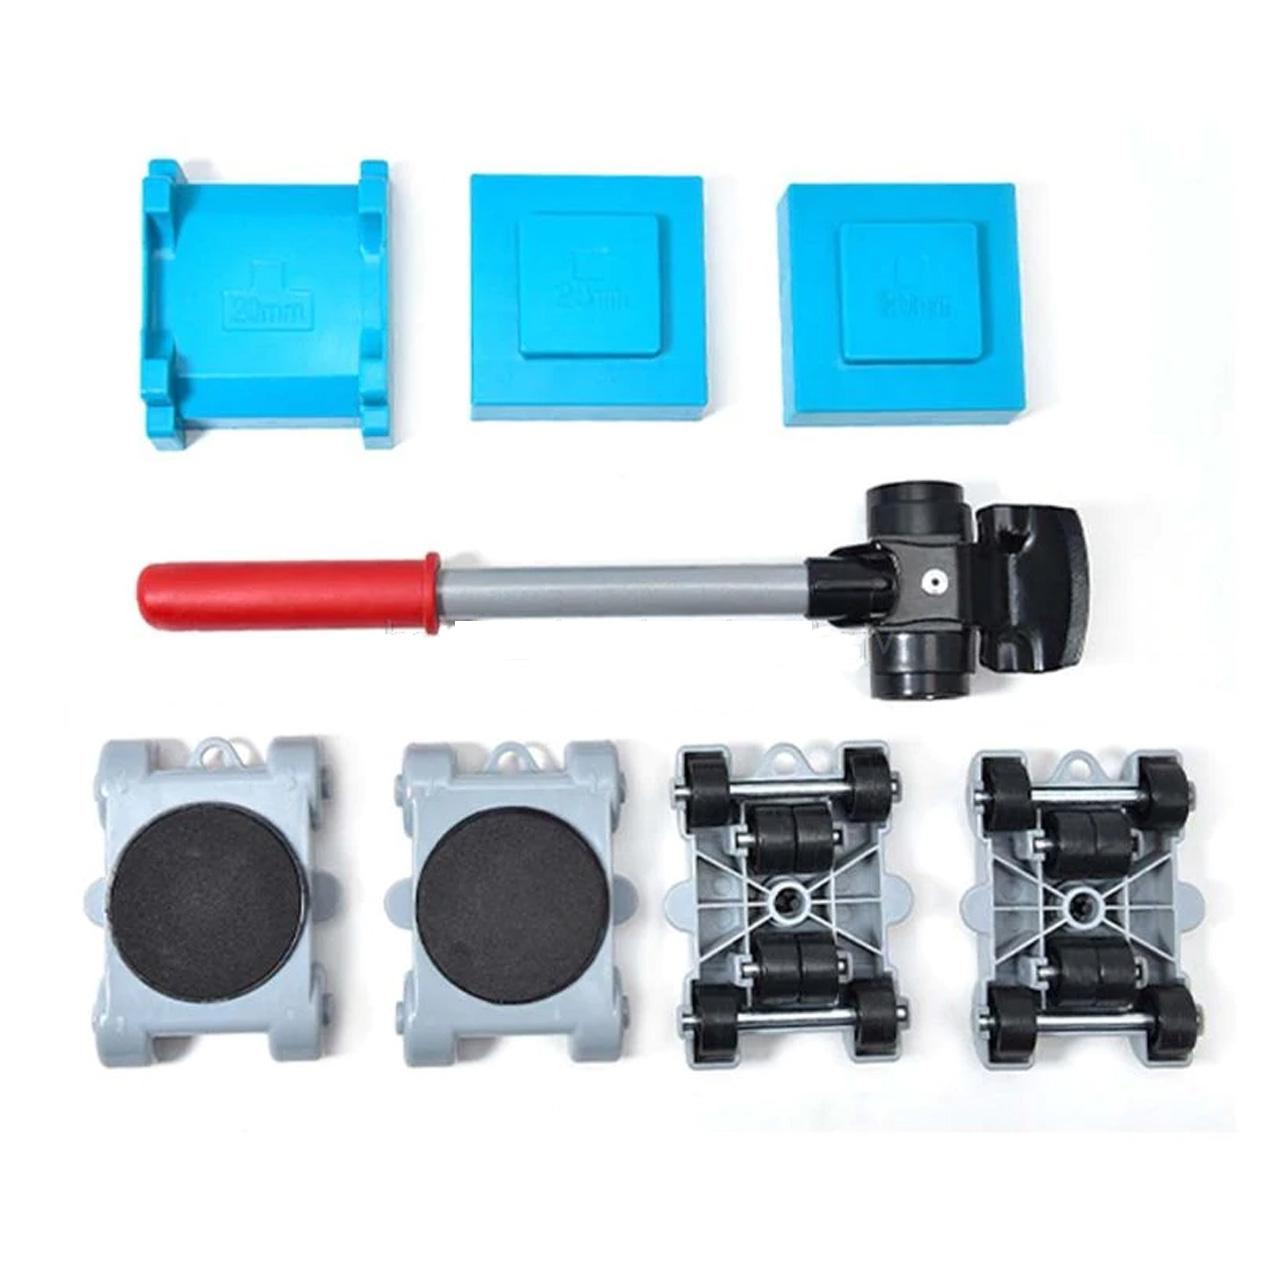 Bộ dụng cụ di chuyển đồ nặng 200KG dùng trong gia đình 8 chi tiết thông minh